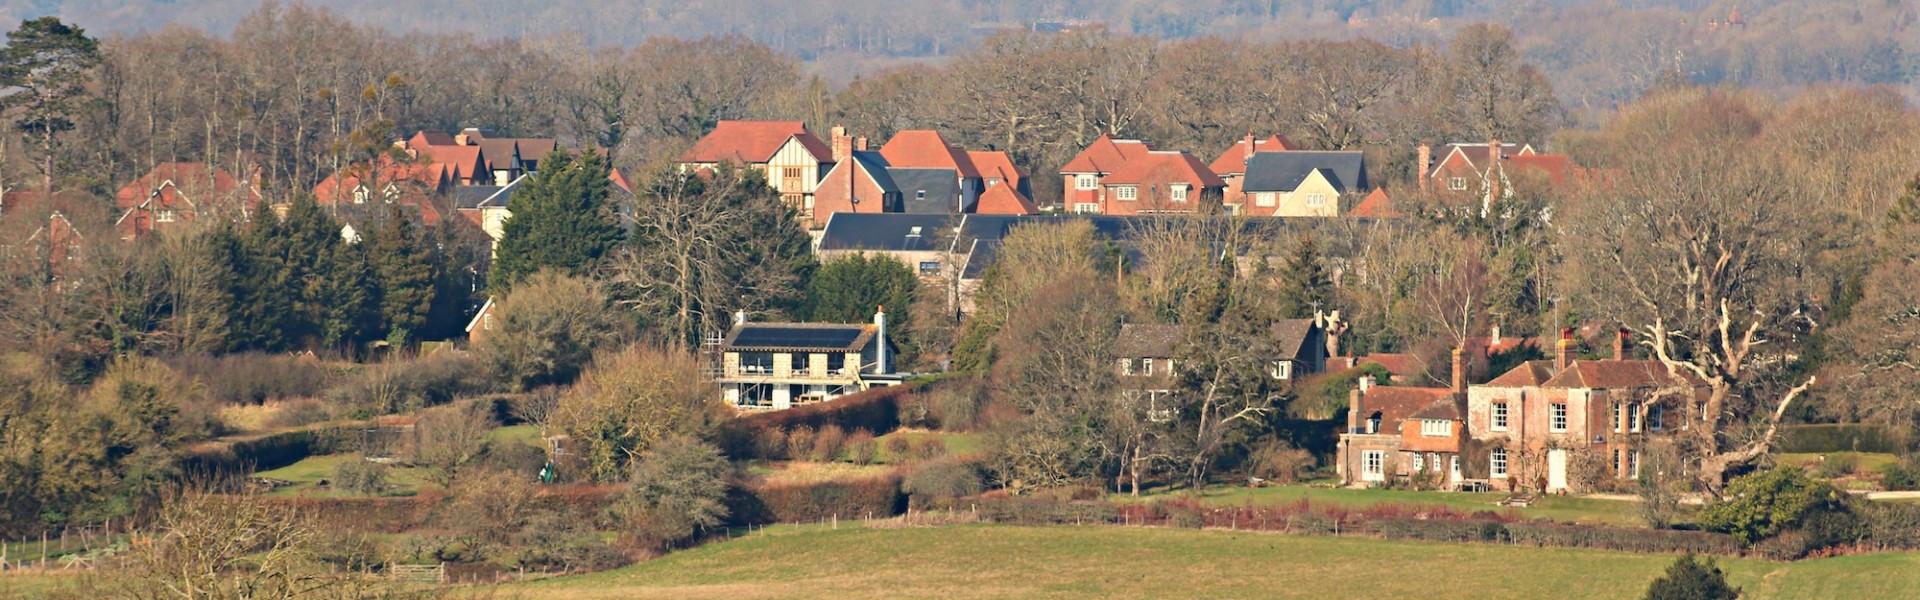 Etchingham Parish Council